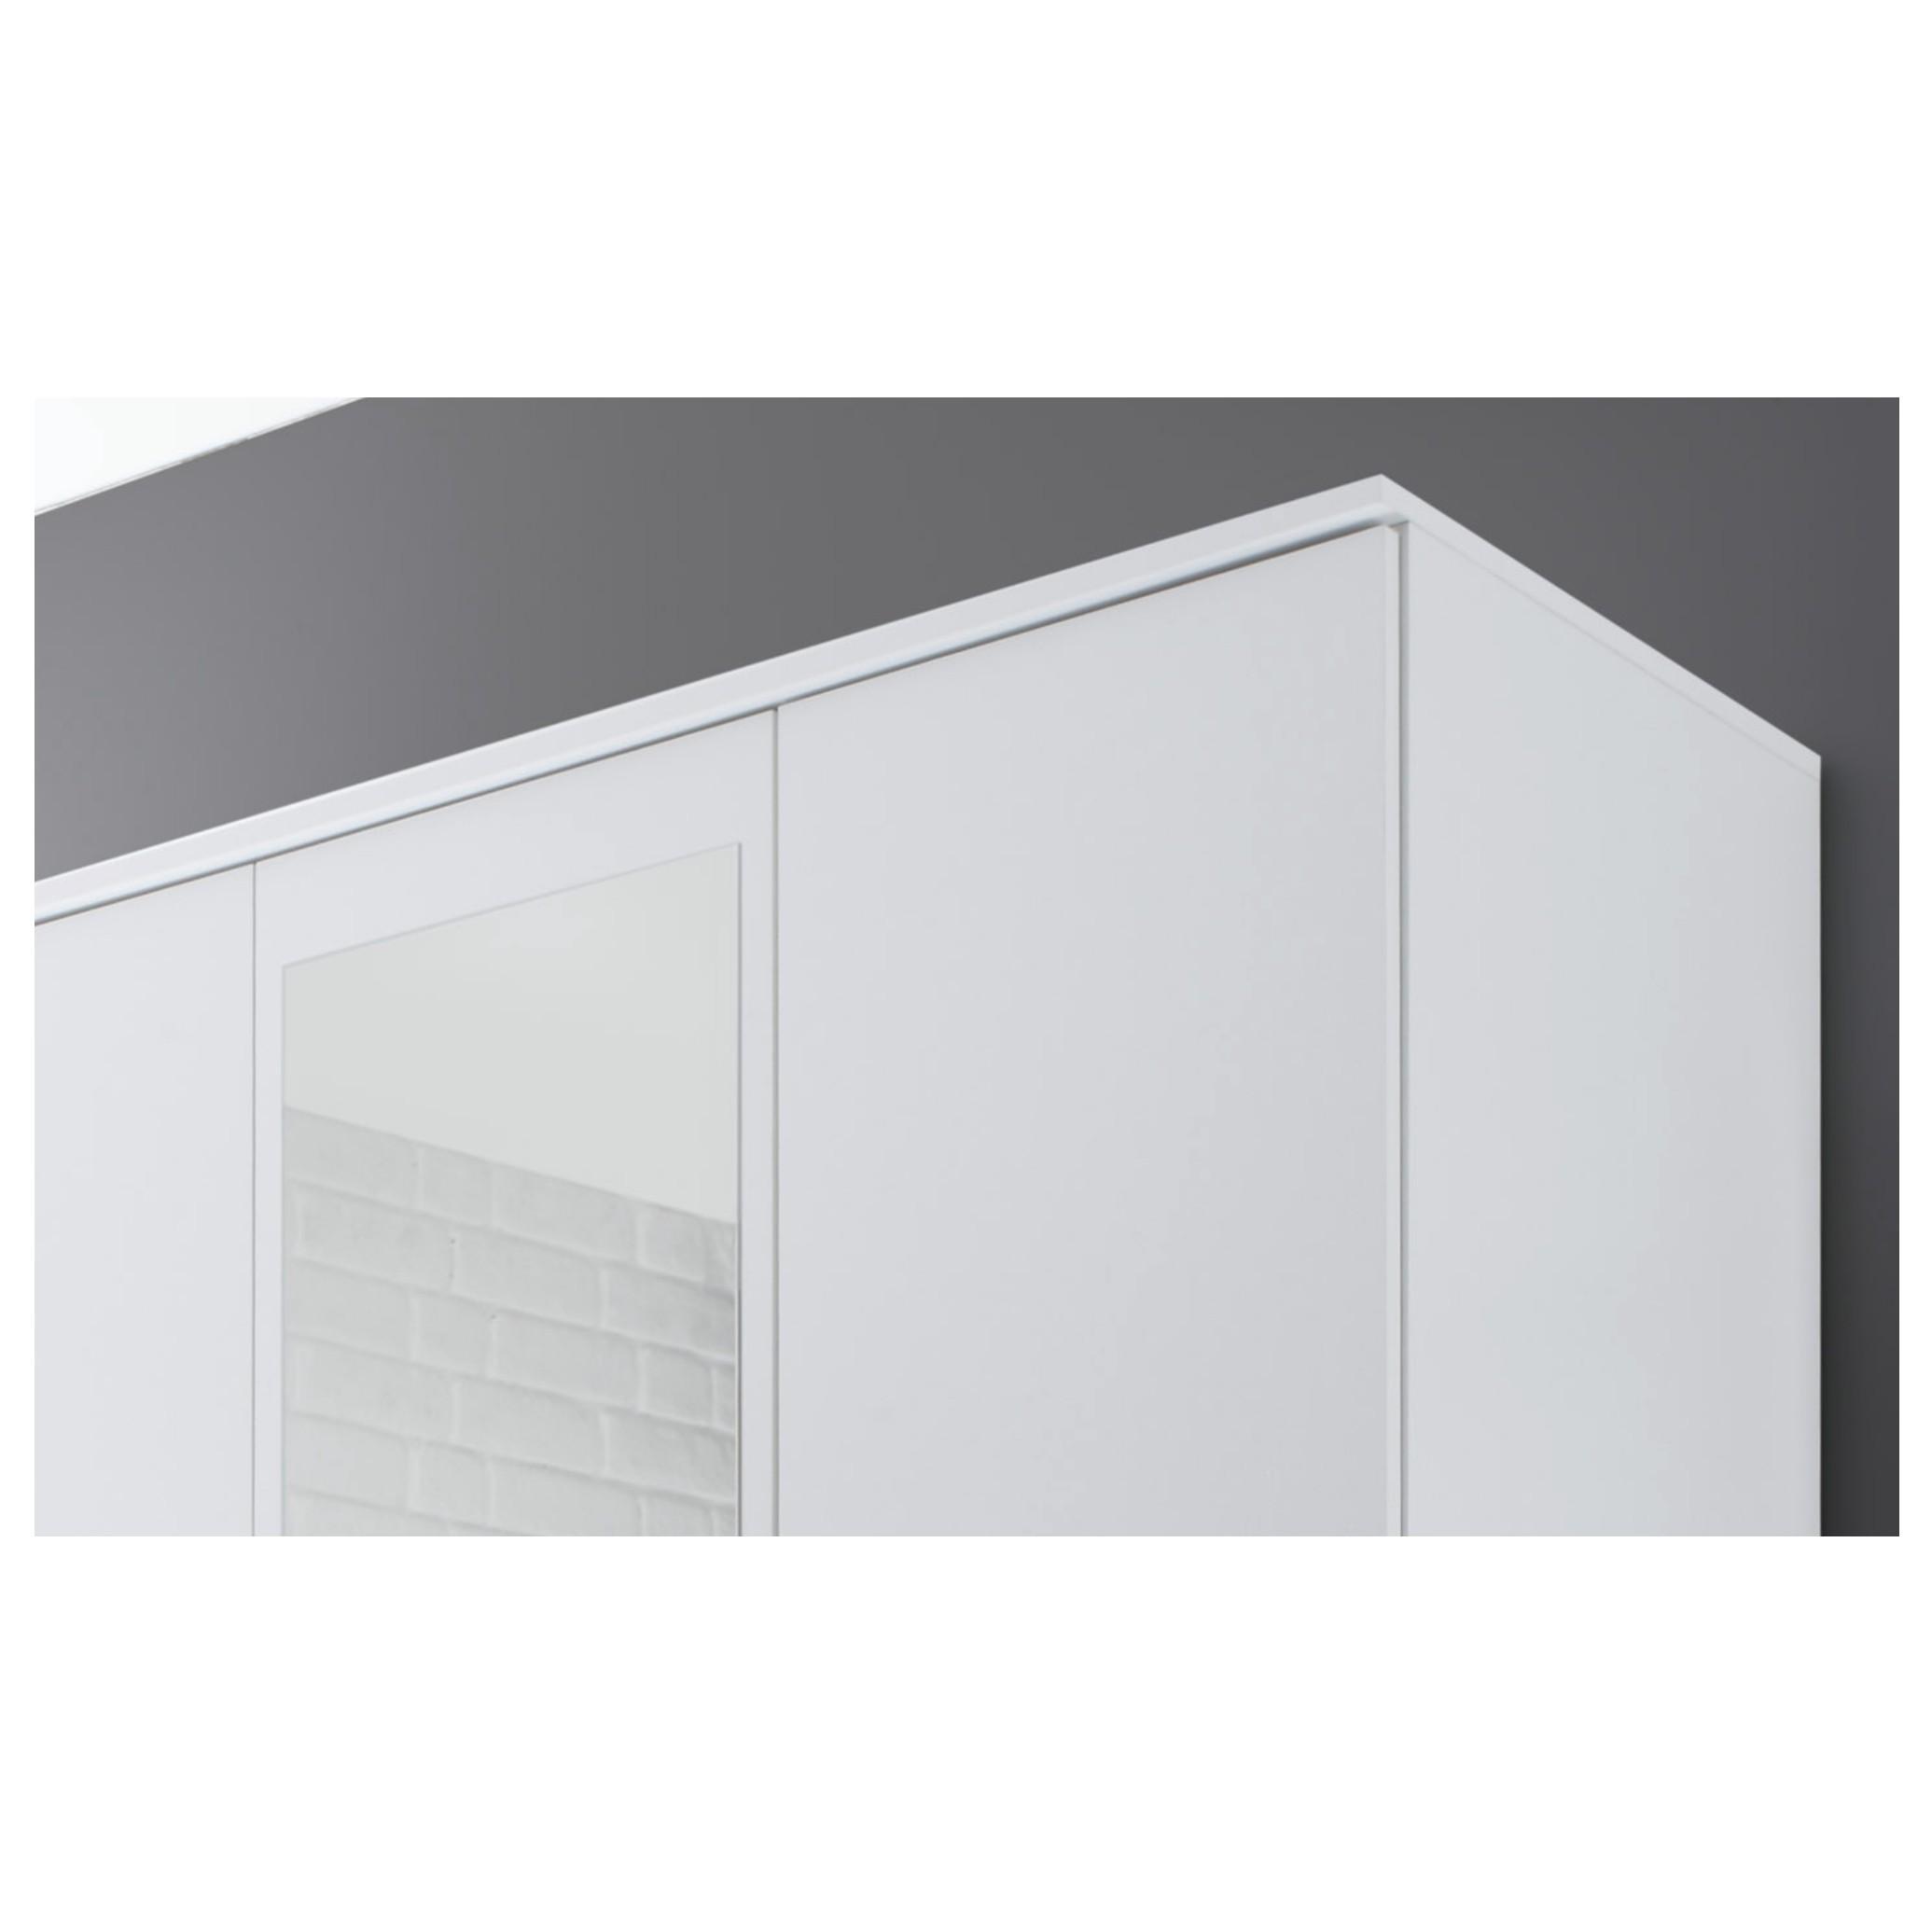 Sconto Šatníková skriňa OTMAR biela Praktická šatníková skriňa OTMAR v modernom dizajne sa vďaka svojim rozmerom hodí aj do menších spální.